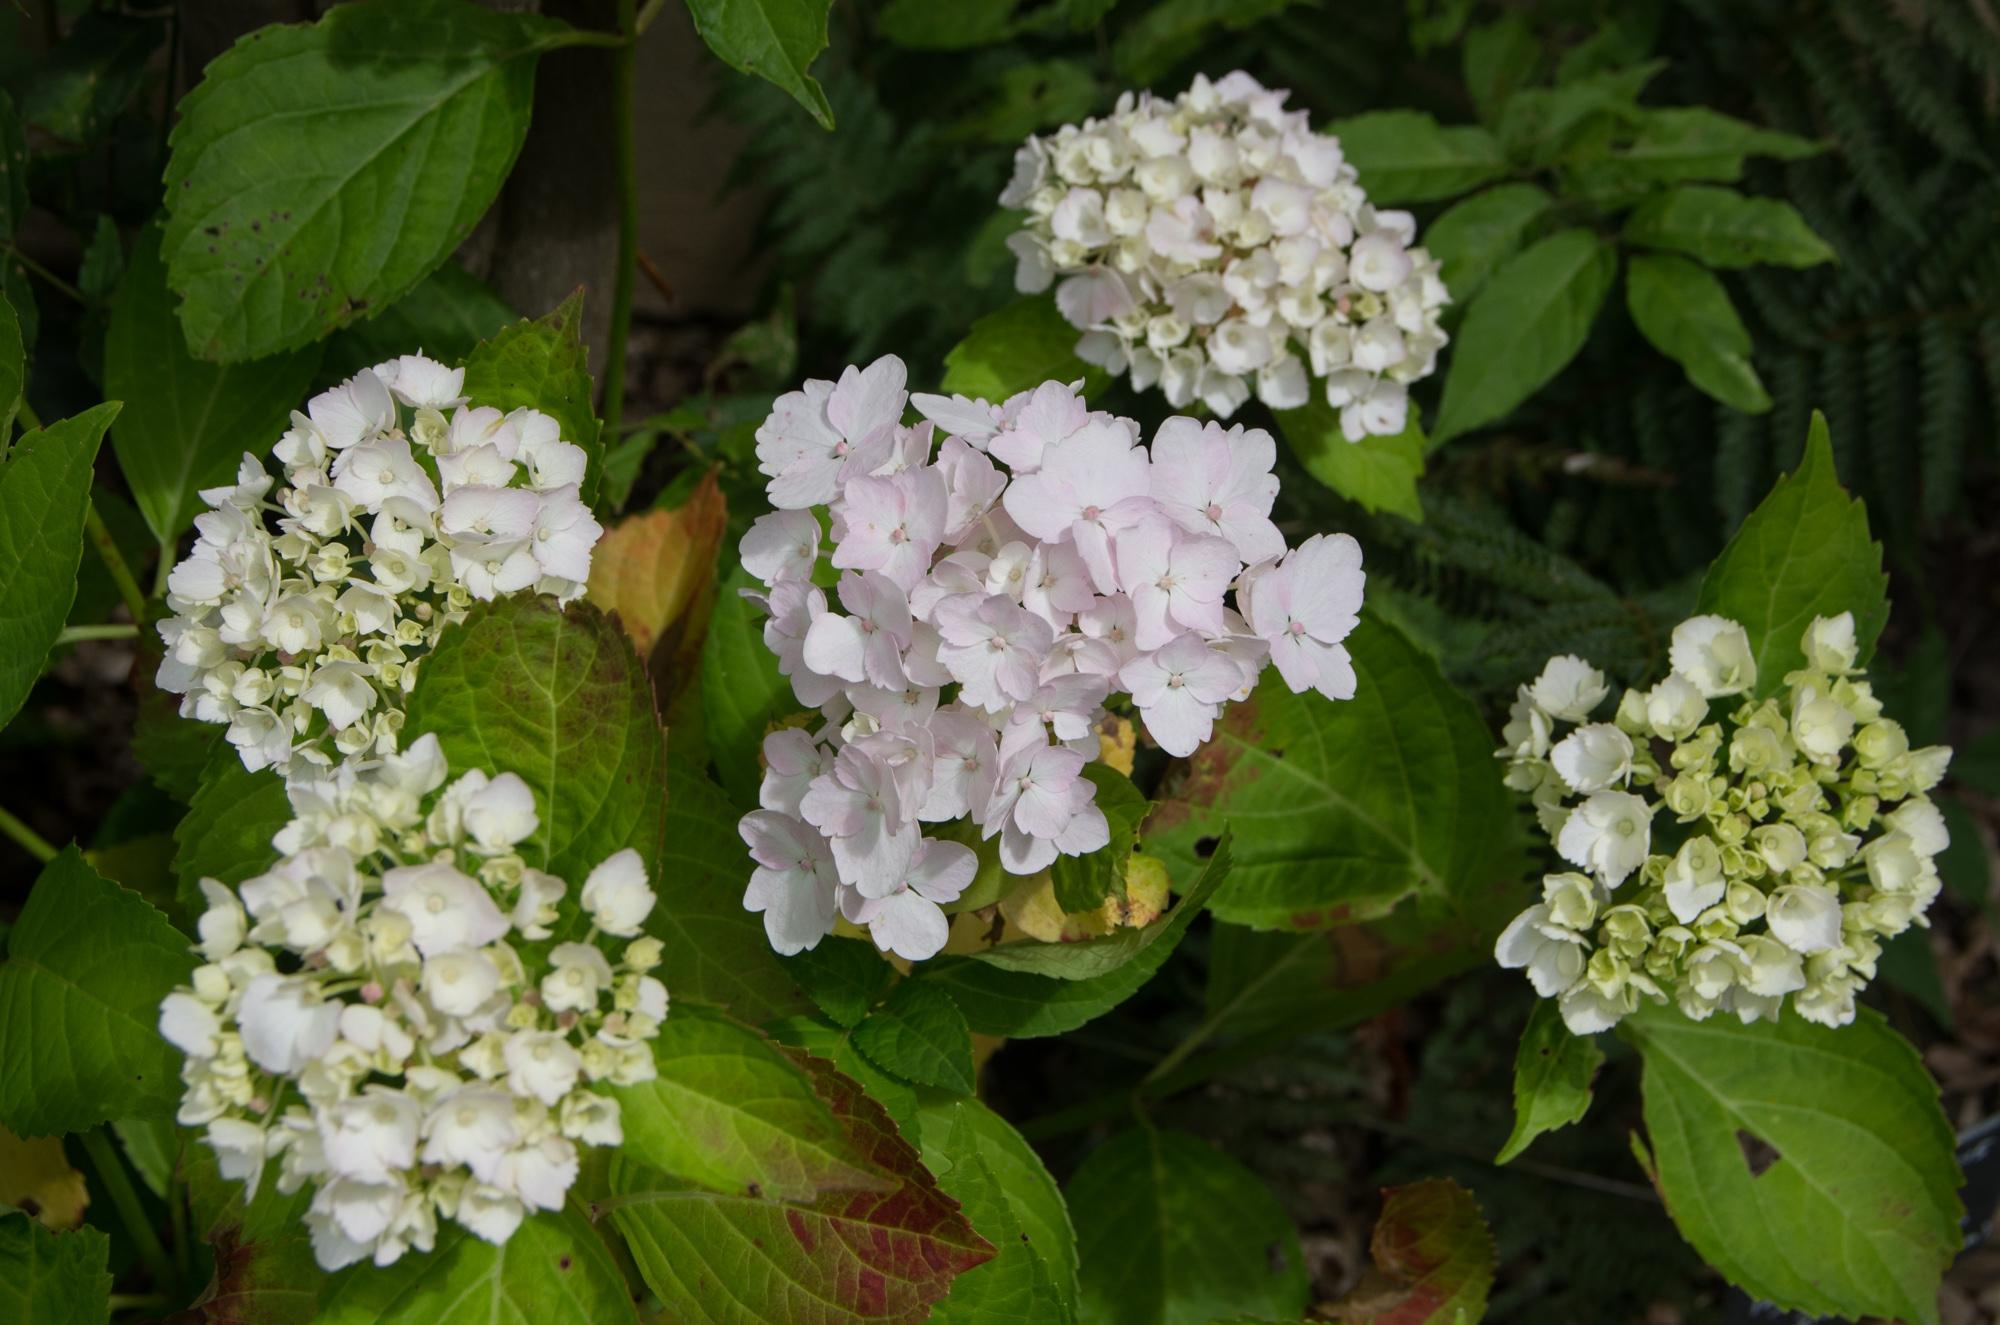 arbuste fleurs blanches odorantes fabulous jembaume mon intrieur avec des plantes fleurs. Black Bedroom Furniture Sets. Home Design Ideas